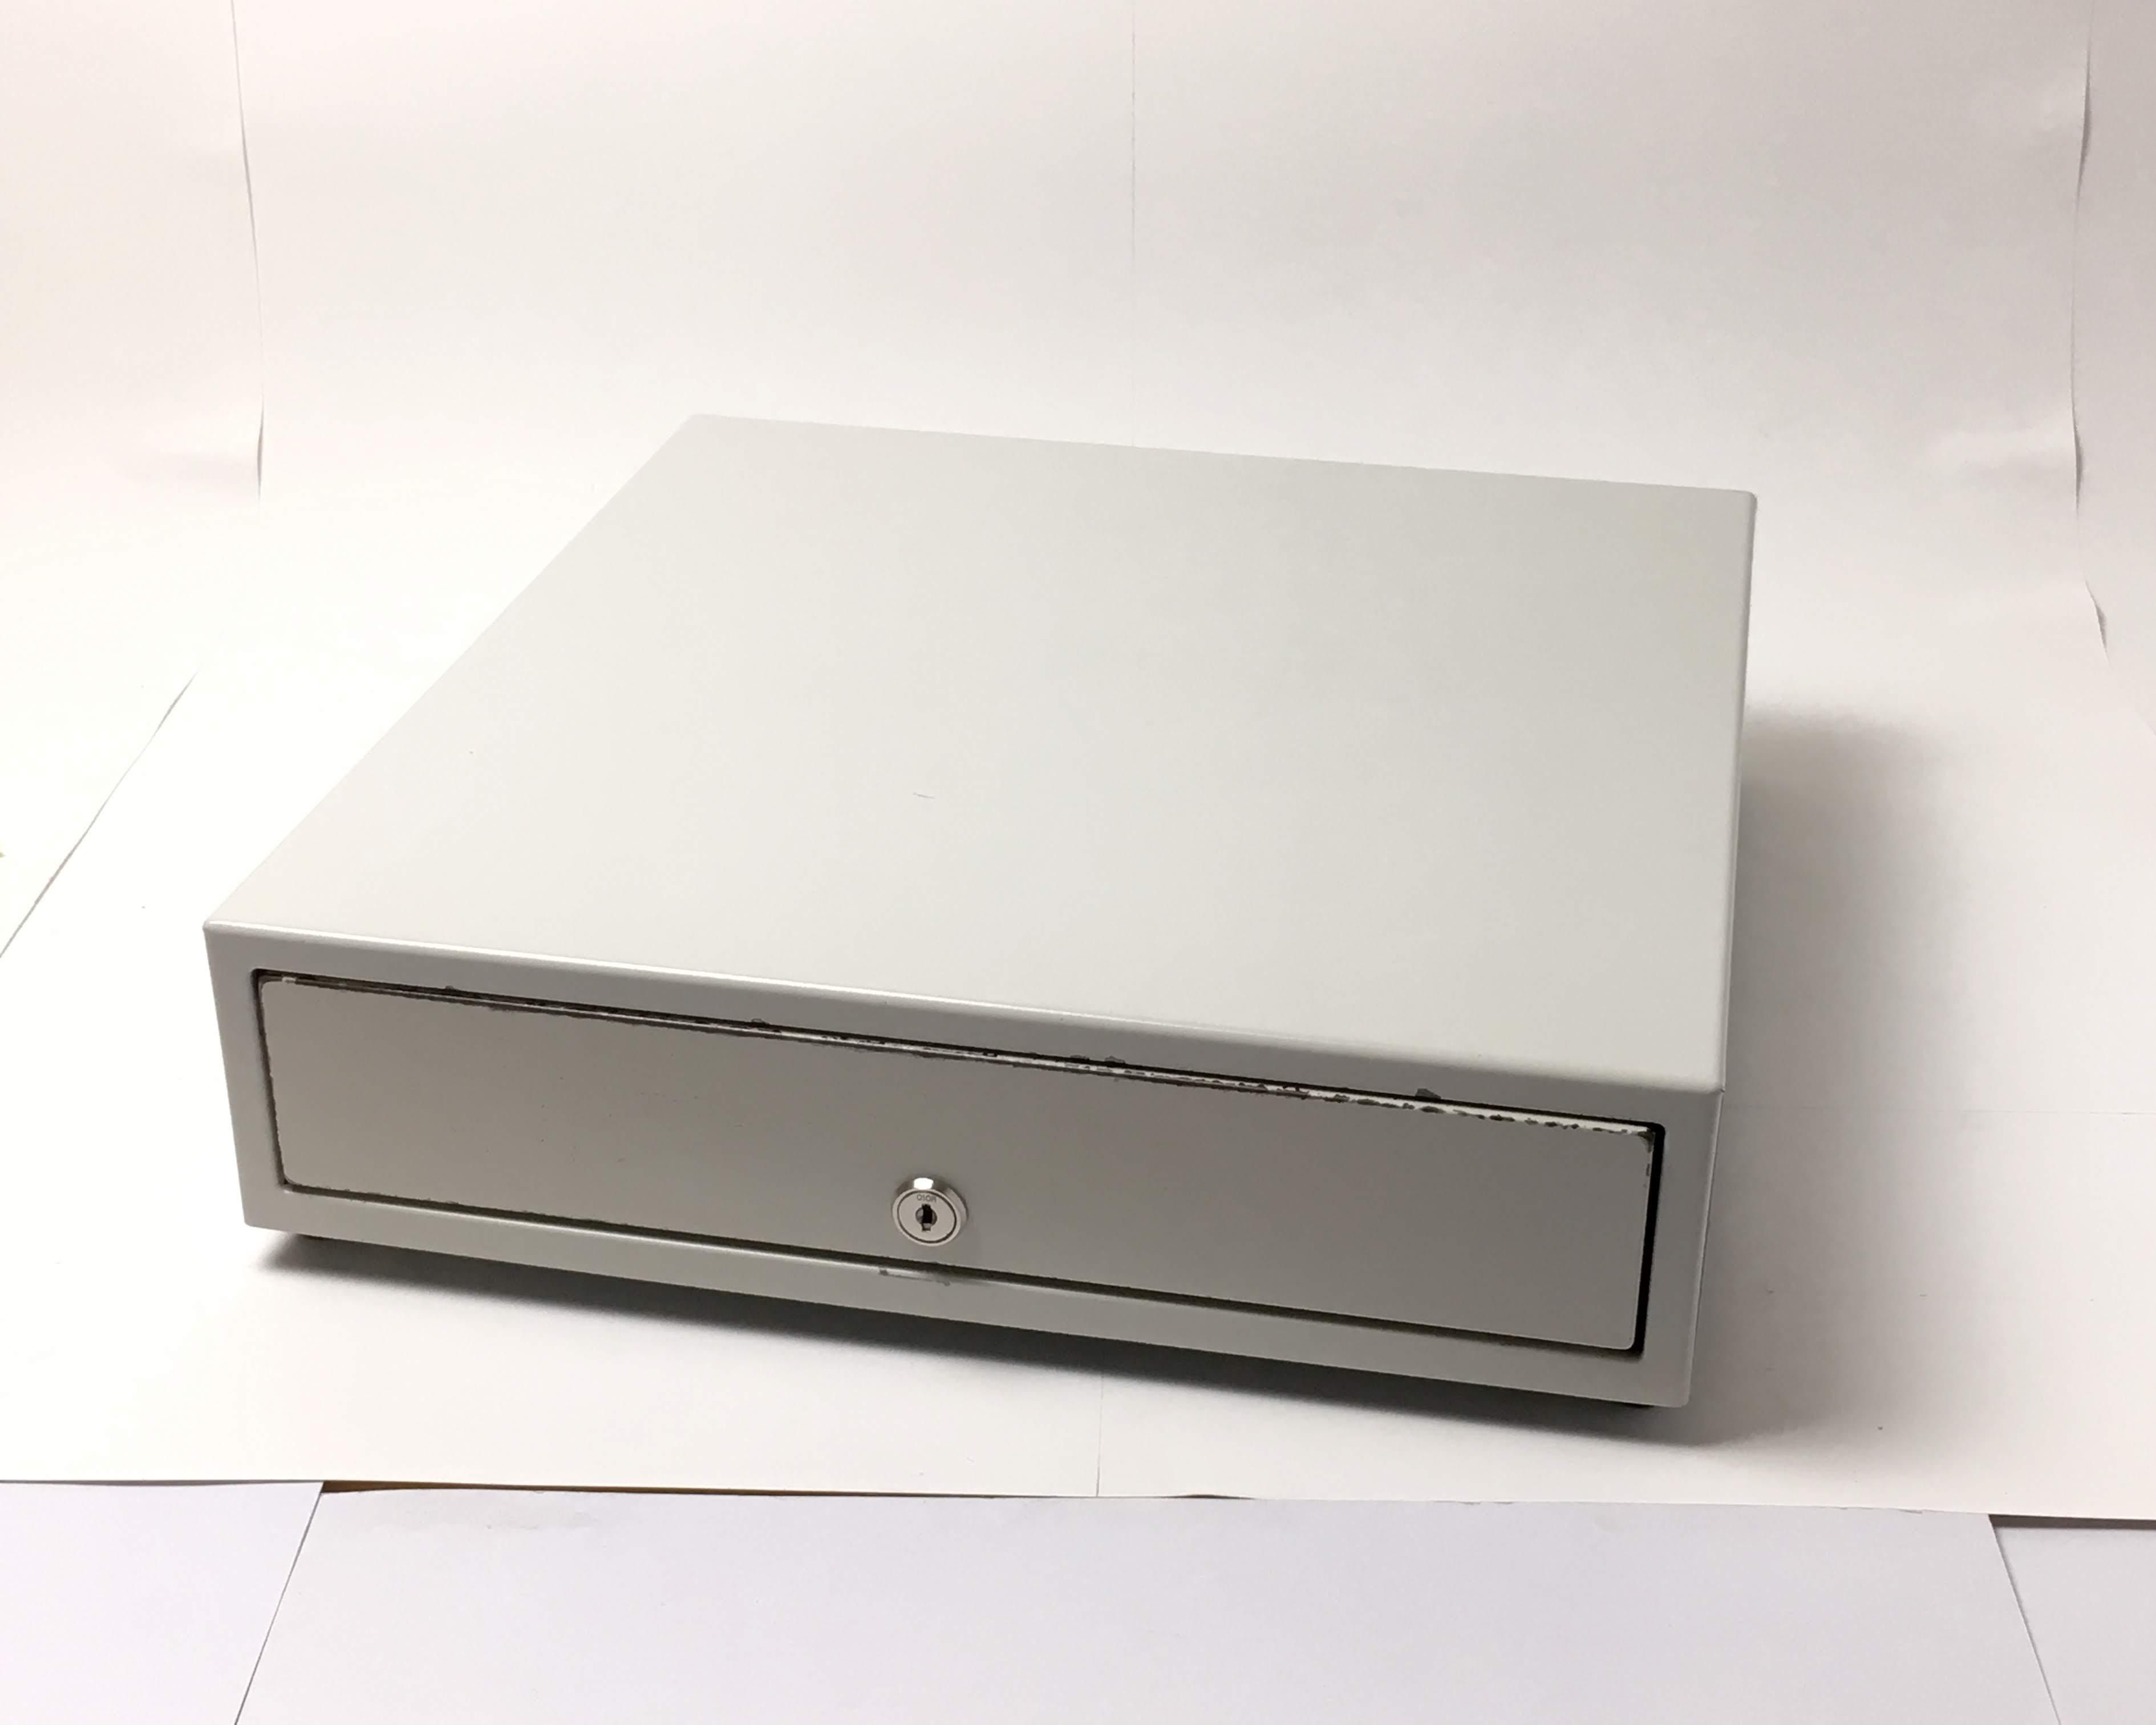 【お買得中古】キャッシュドロア スター精密 SMD146M (小銭6 札4) メイン画像